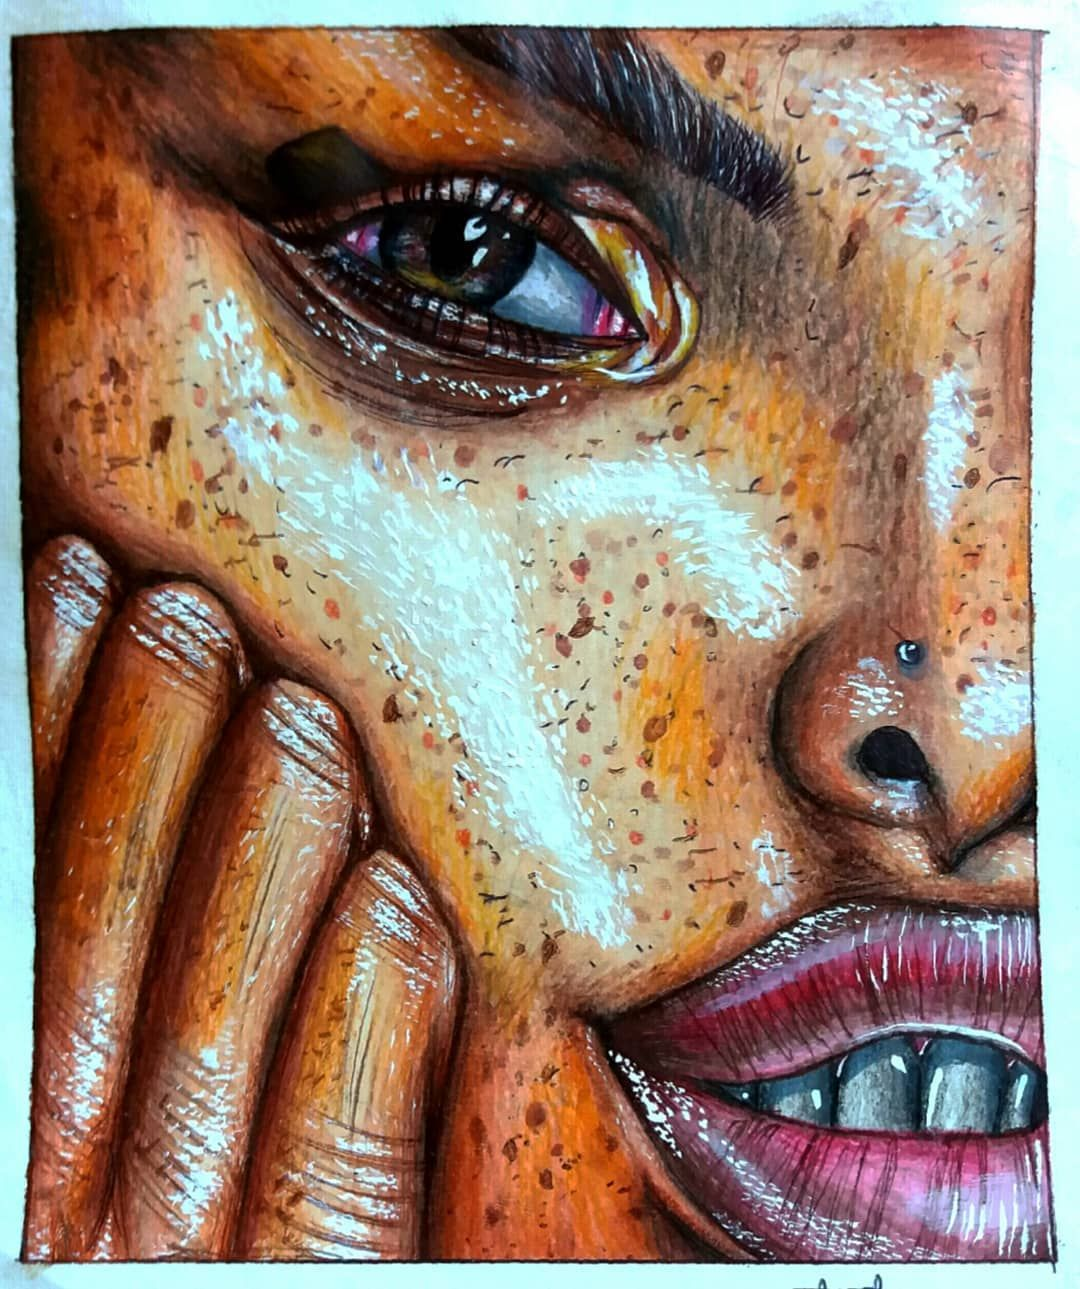 ...... #desafiodedesenhos #draw #desenhostattoo #desenhostumblr #desenhosmeus #desenhostluble #desenho #desenhos #dsafiodedesenhos #desenhosbrasil #desenhosrealistas #desenhei #ink #insta #ilustração  #realistic_abd #realismo #rostos #realismocolorido #realismo #realismotattoo  #aesthetic #artes #arte #arte #arts #artistasbrasileiros #artista #artist  #tattoos  @cansonbr